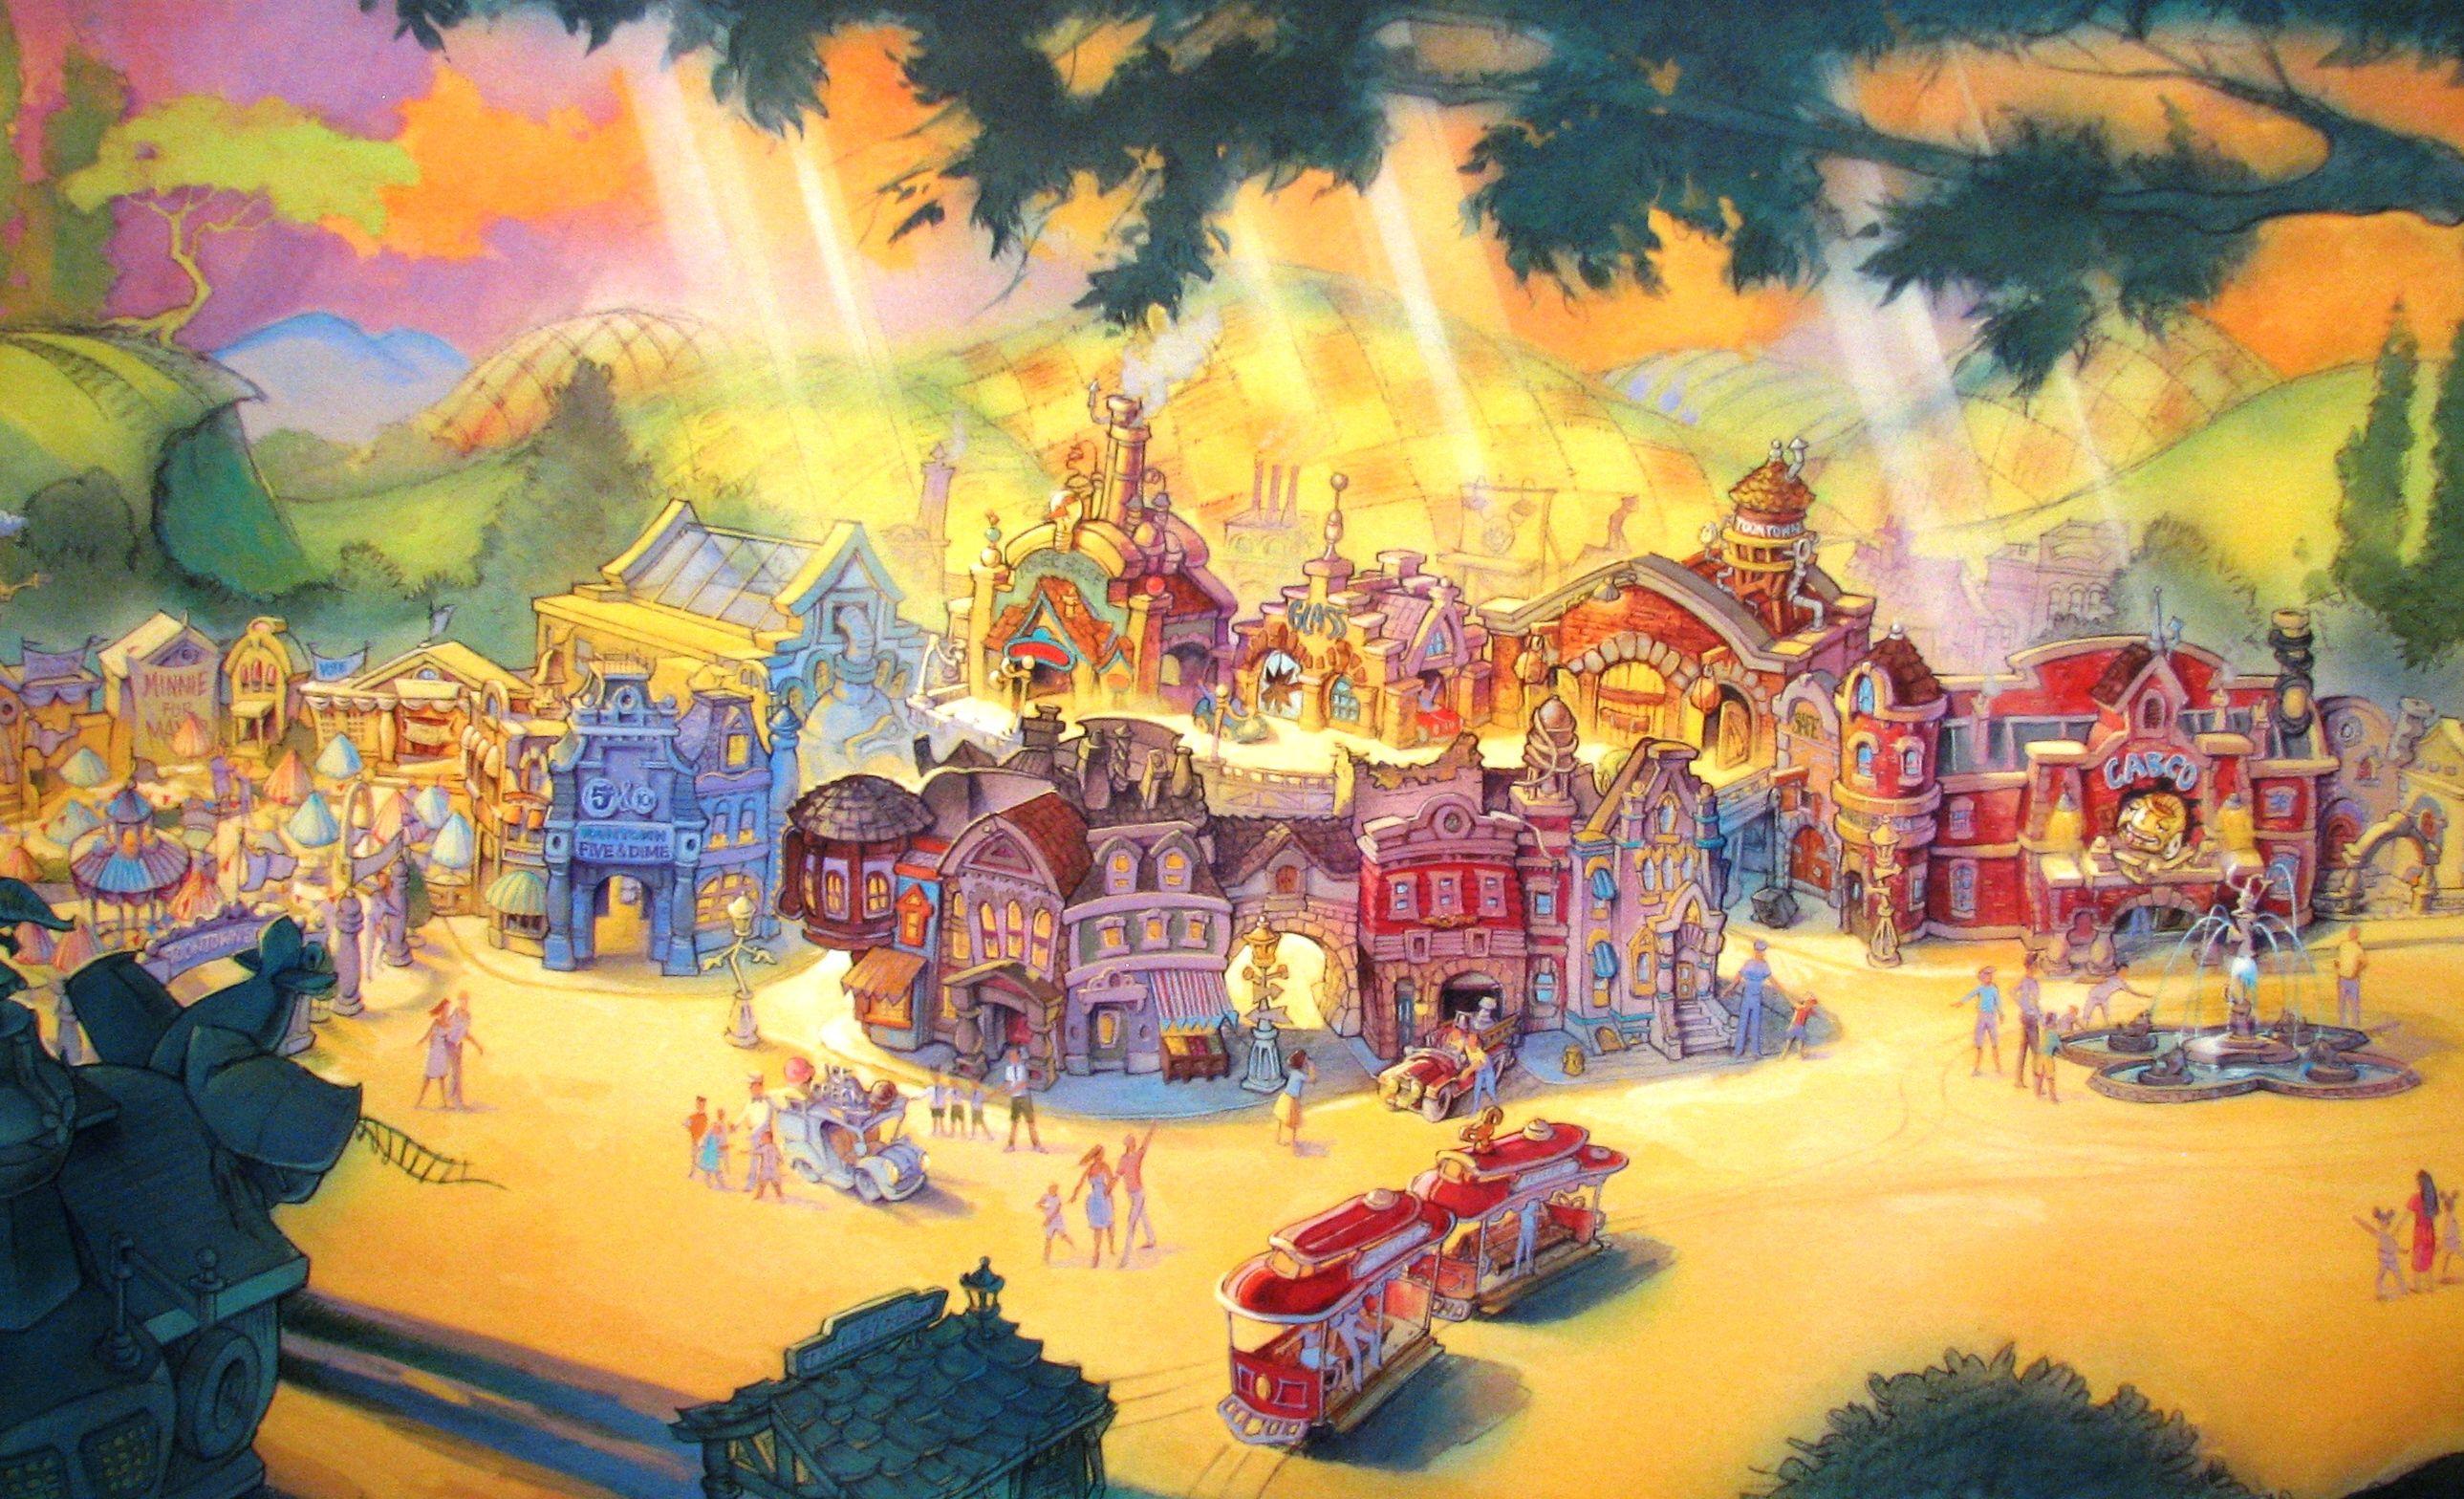 Mickey' Toontown Disneyland Walt Disney Imagineering Concept Art